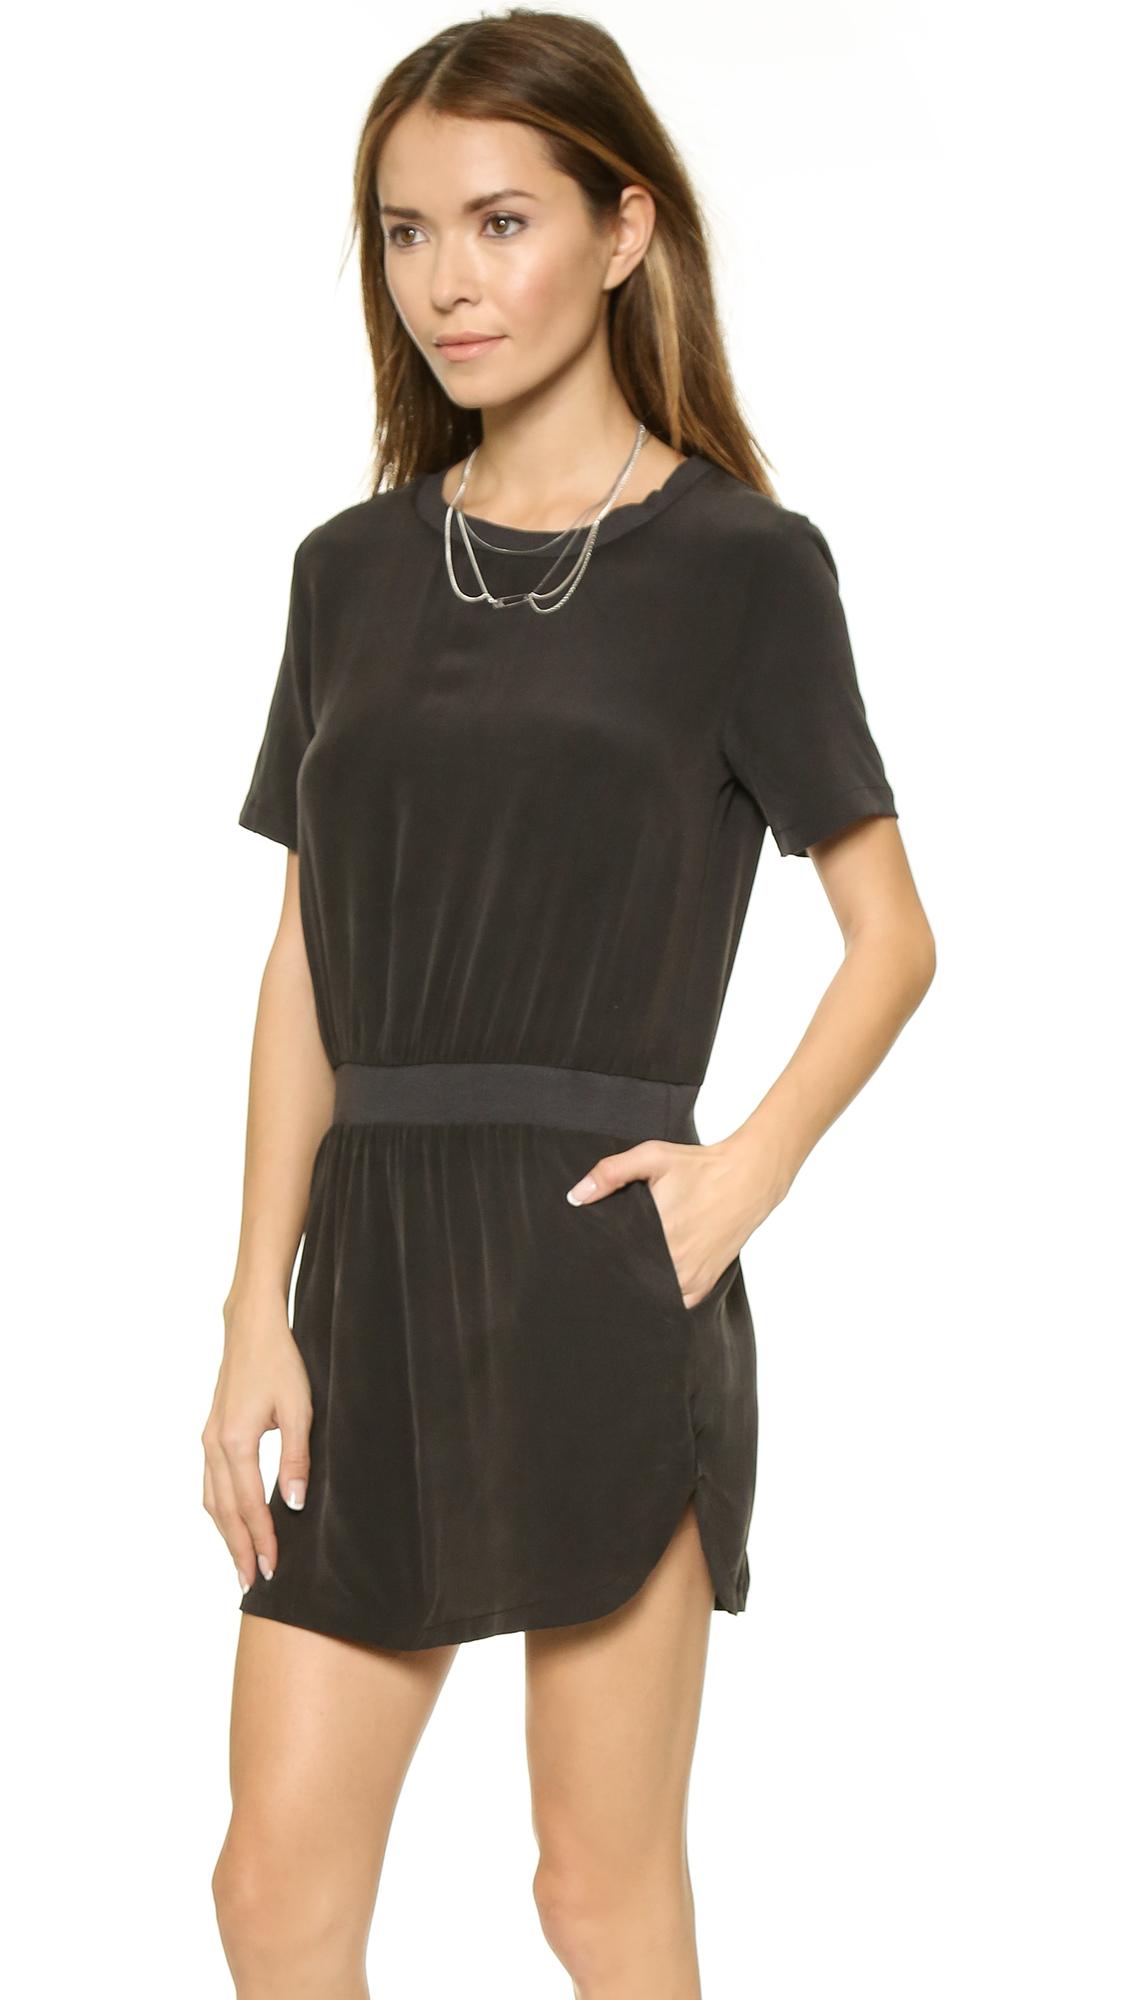 black silk dress - HD1128×2000